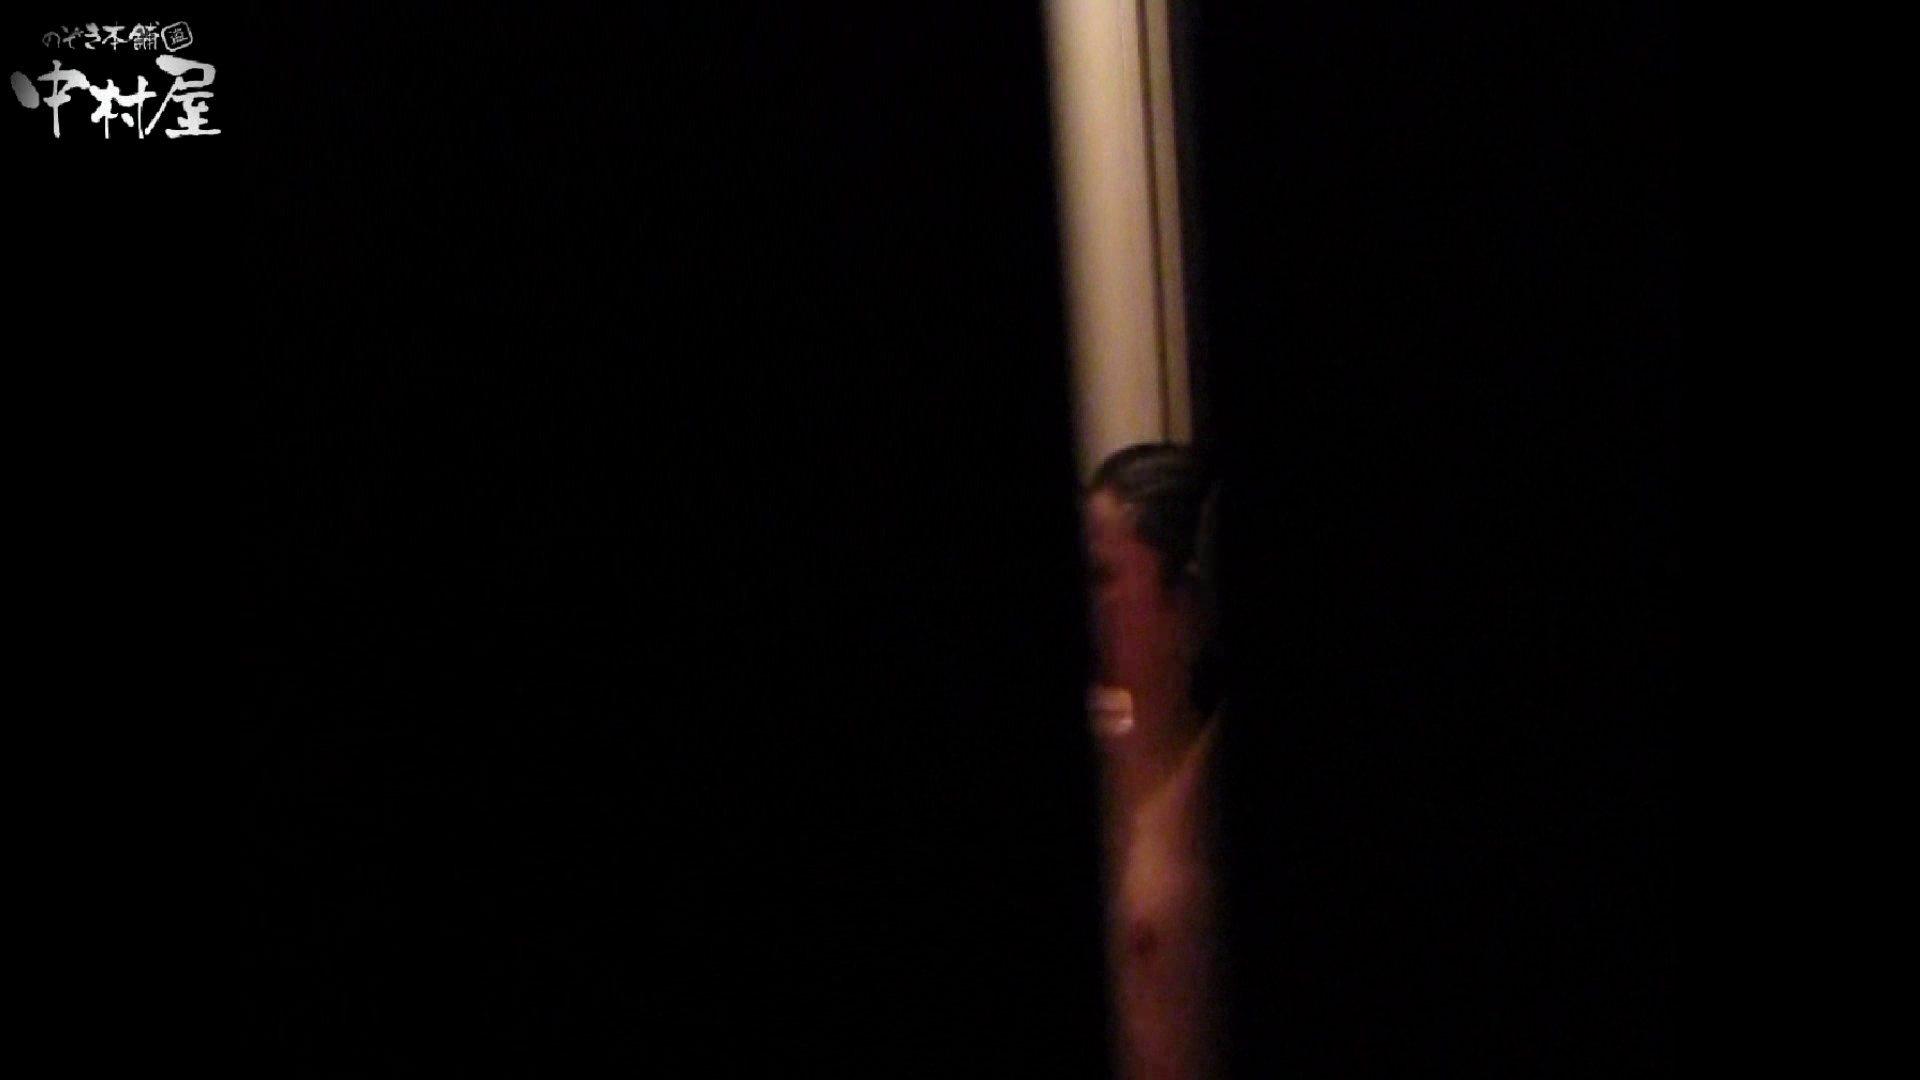 民家風呂専門盗撮師の超危険映像 vol.004 エロい美少女   民家シリーズ  89PIX 26